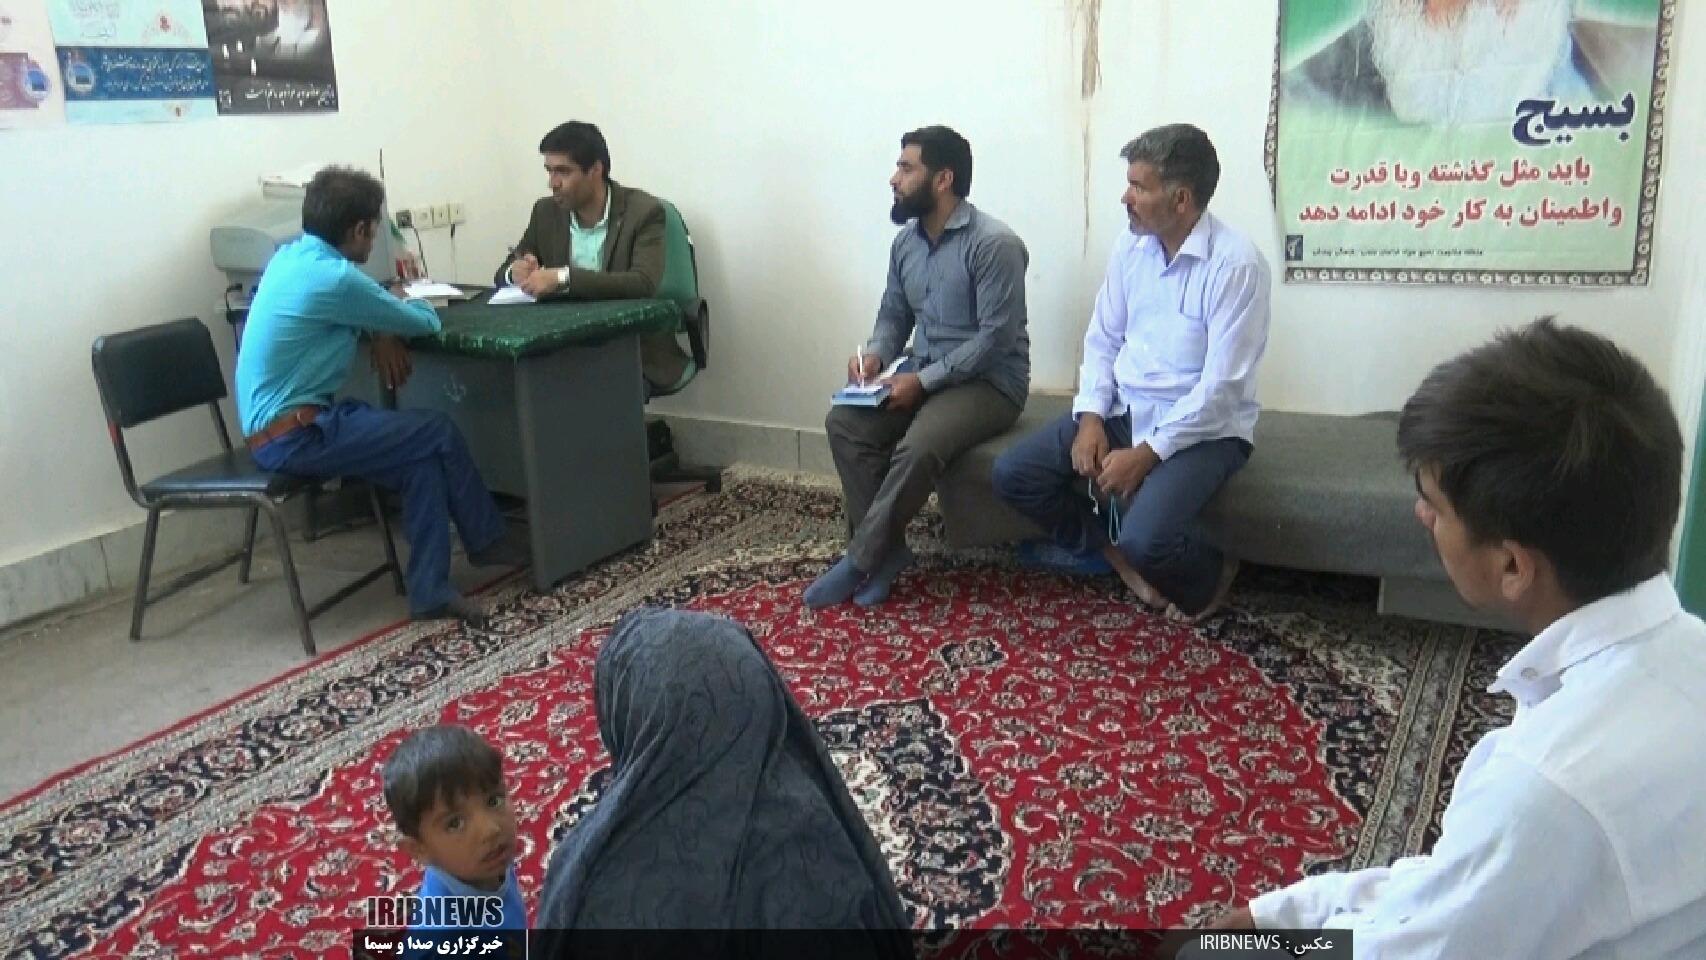 فعالیت گروه جهادی میثاق جوانان در روستای گلوباغ بخش درح